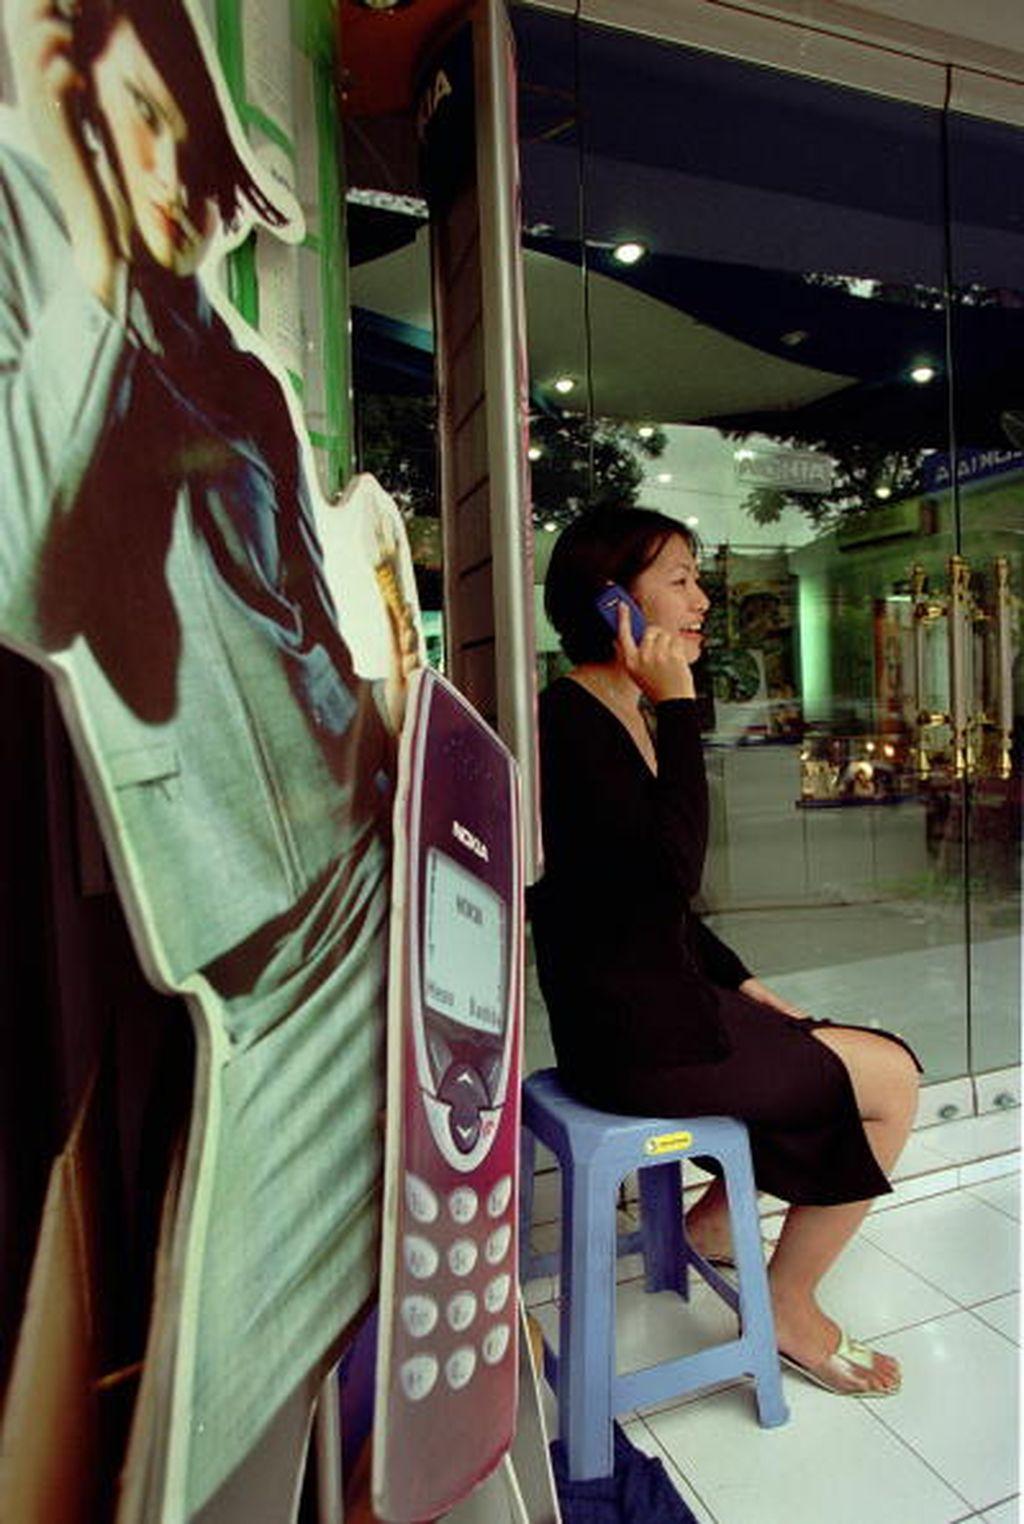 Dari foto yang diambil tahun 2000 ini, tampak seorang wanita asyik menggunakan ponsel di toko Nokia. Foto: Getty Images